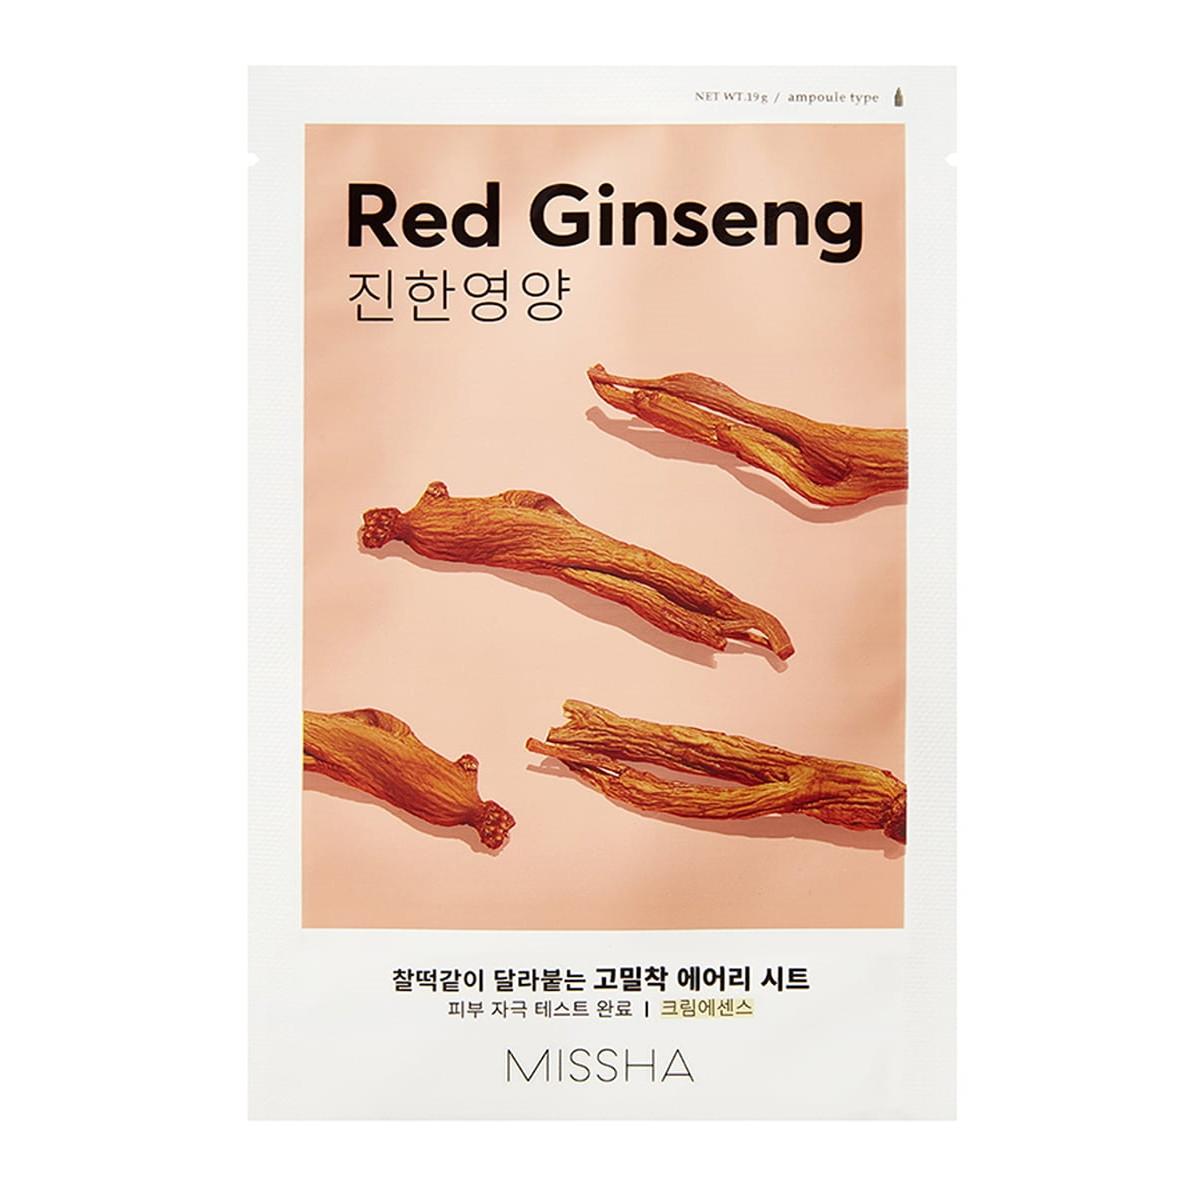 Тонизирующая маска для лица с экстрактом женьшеня Missha Airy Fit Sheet Mask Red Ginseng 19 г (8809581454774)